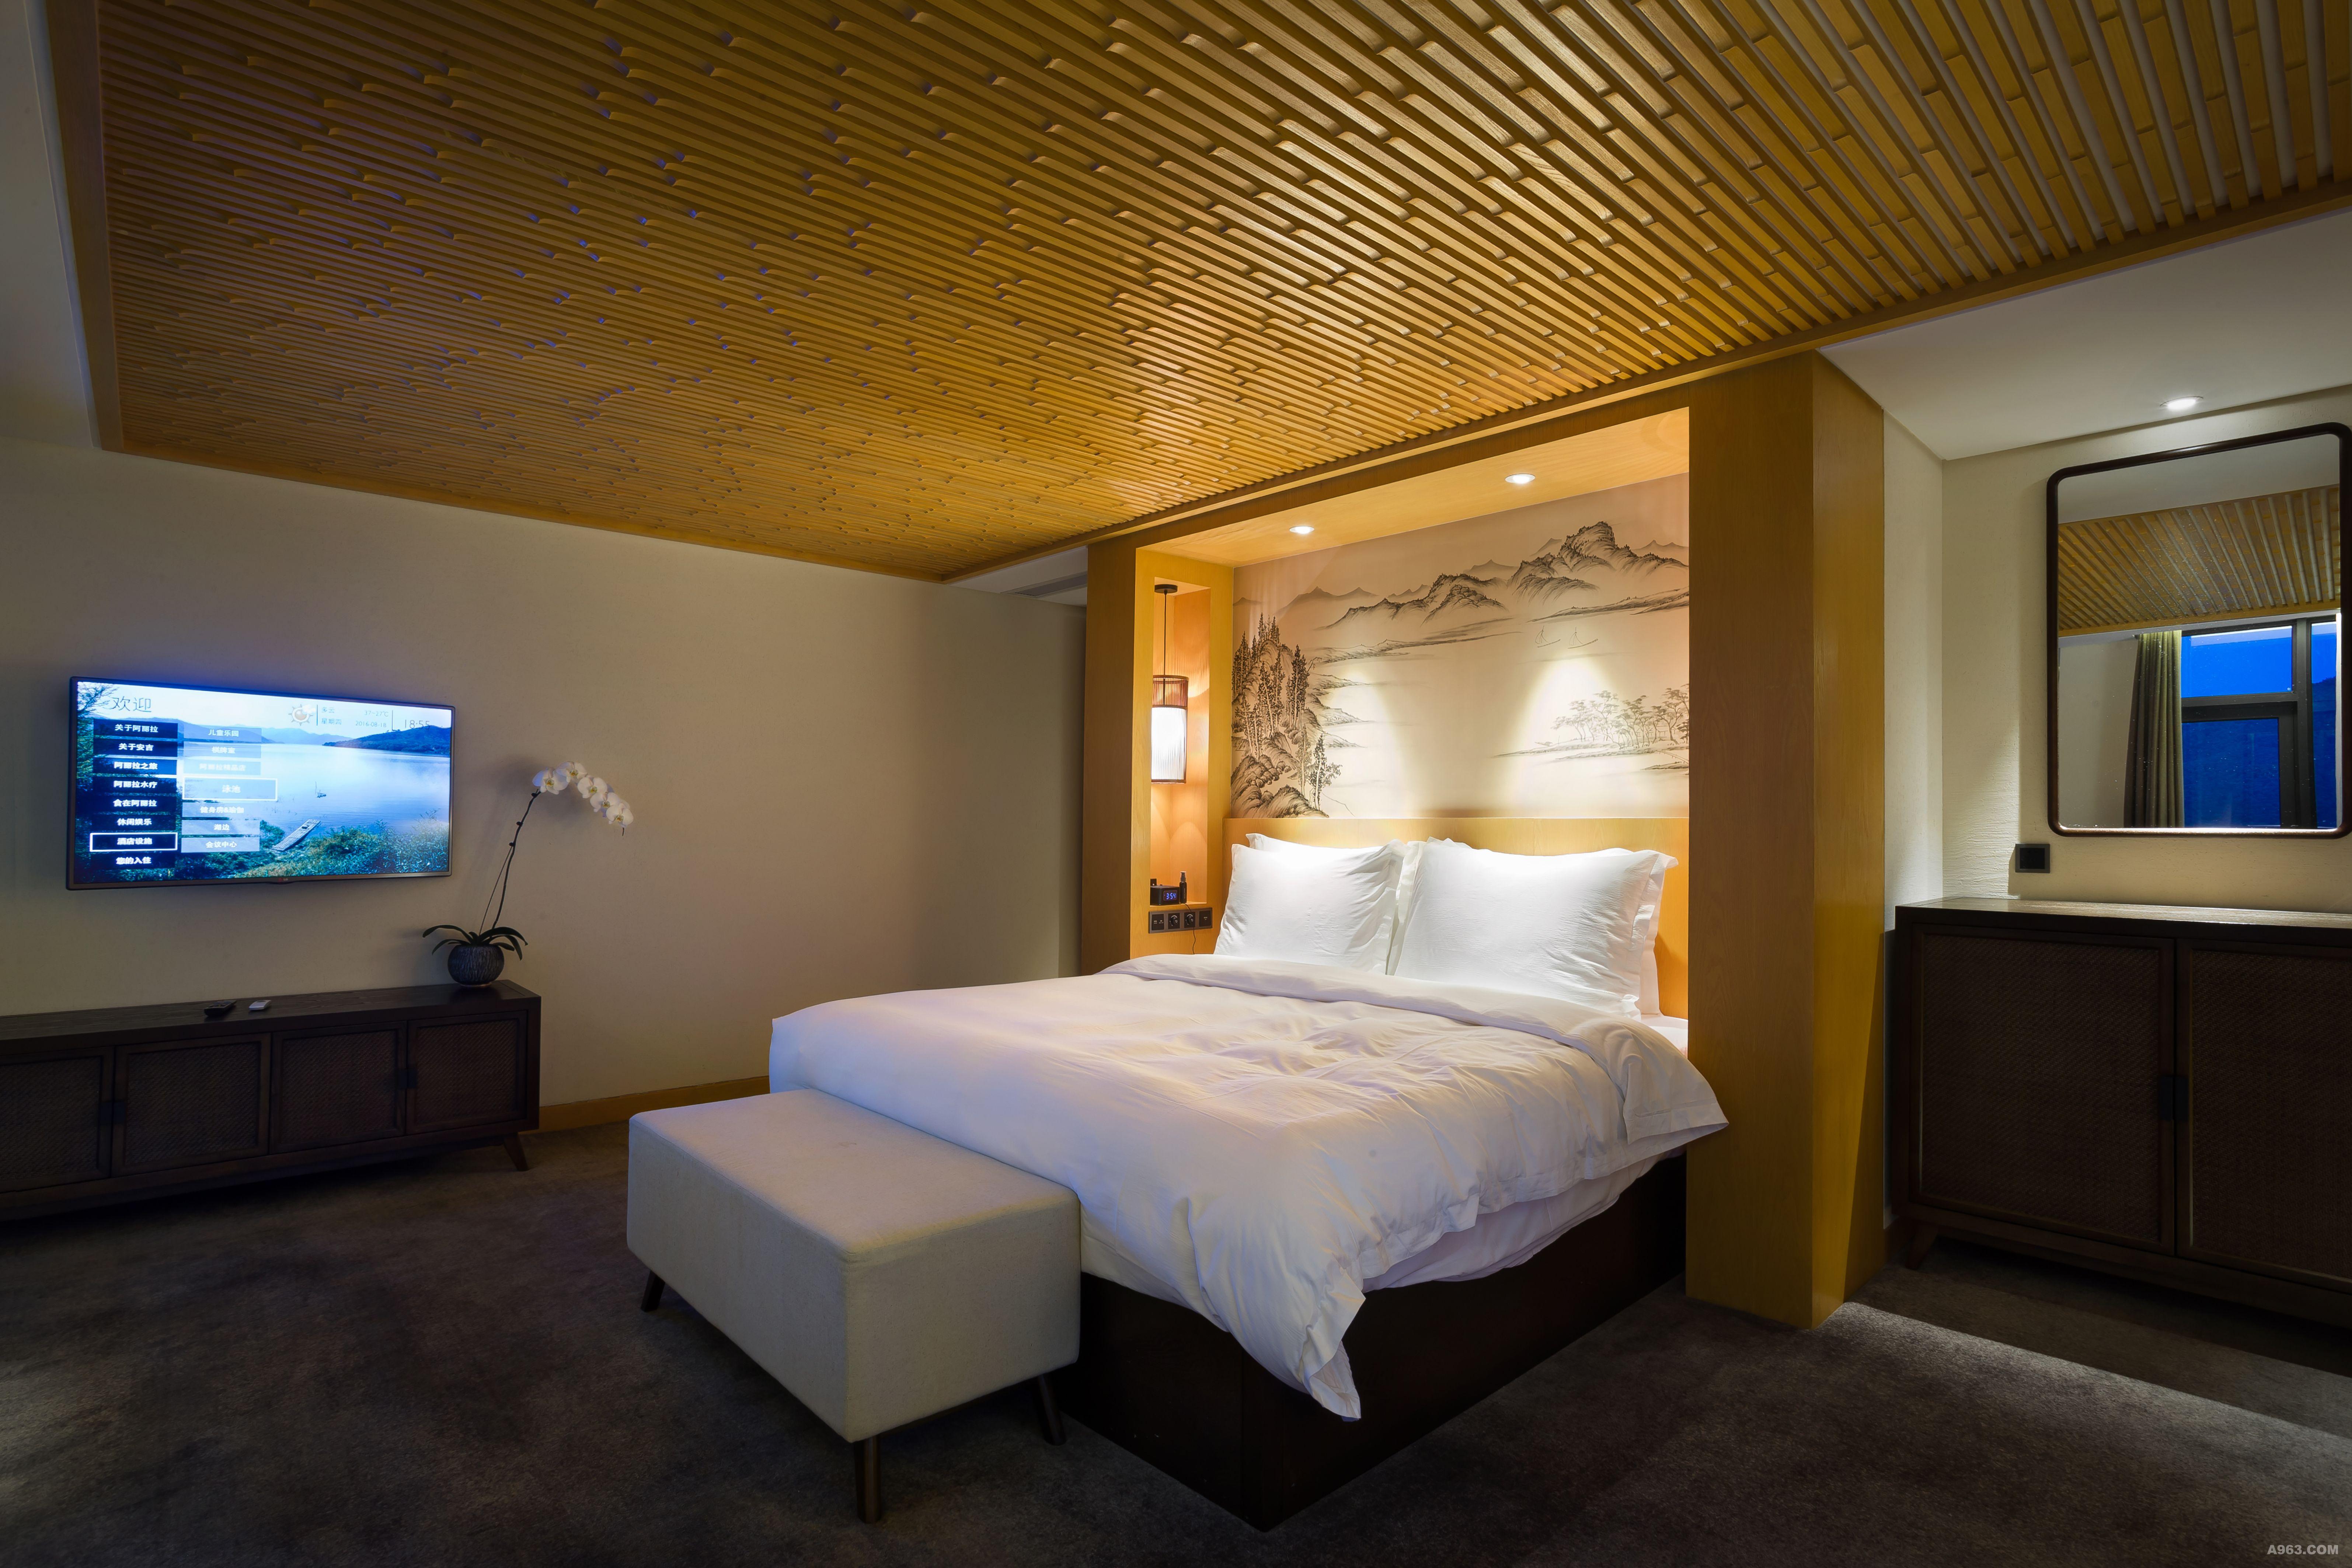 背景墙 房间 家居 酒店 设计 卧室 卧室装修 现代 装修 6381_4255